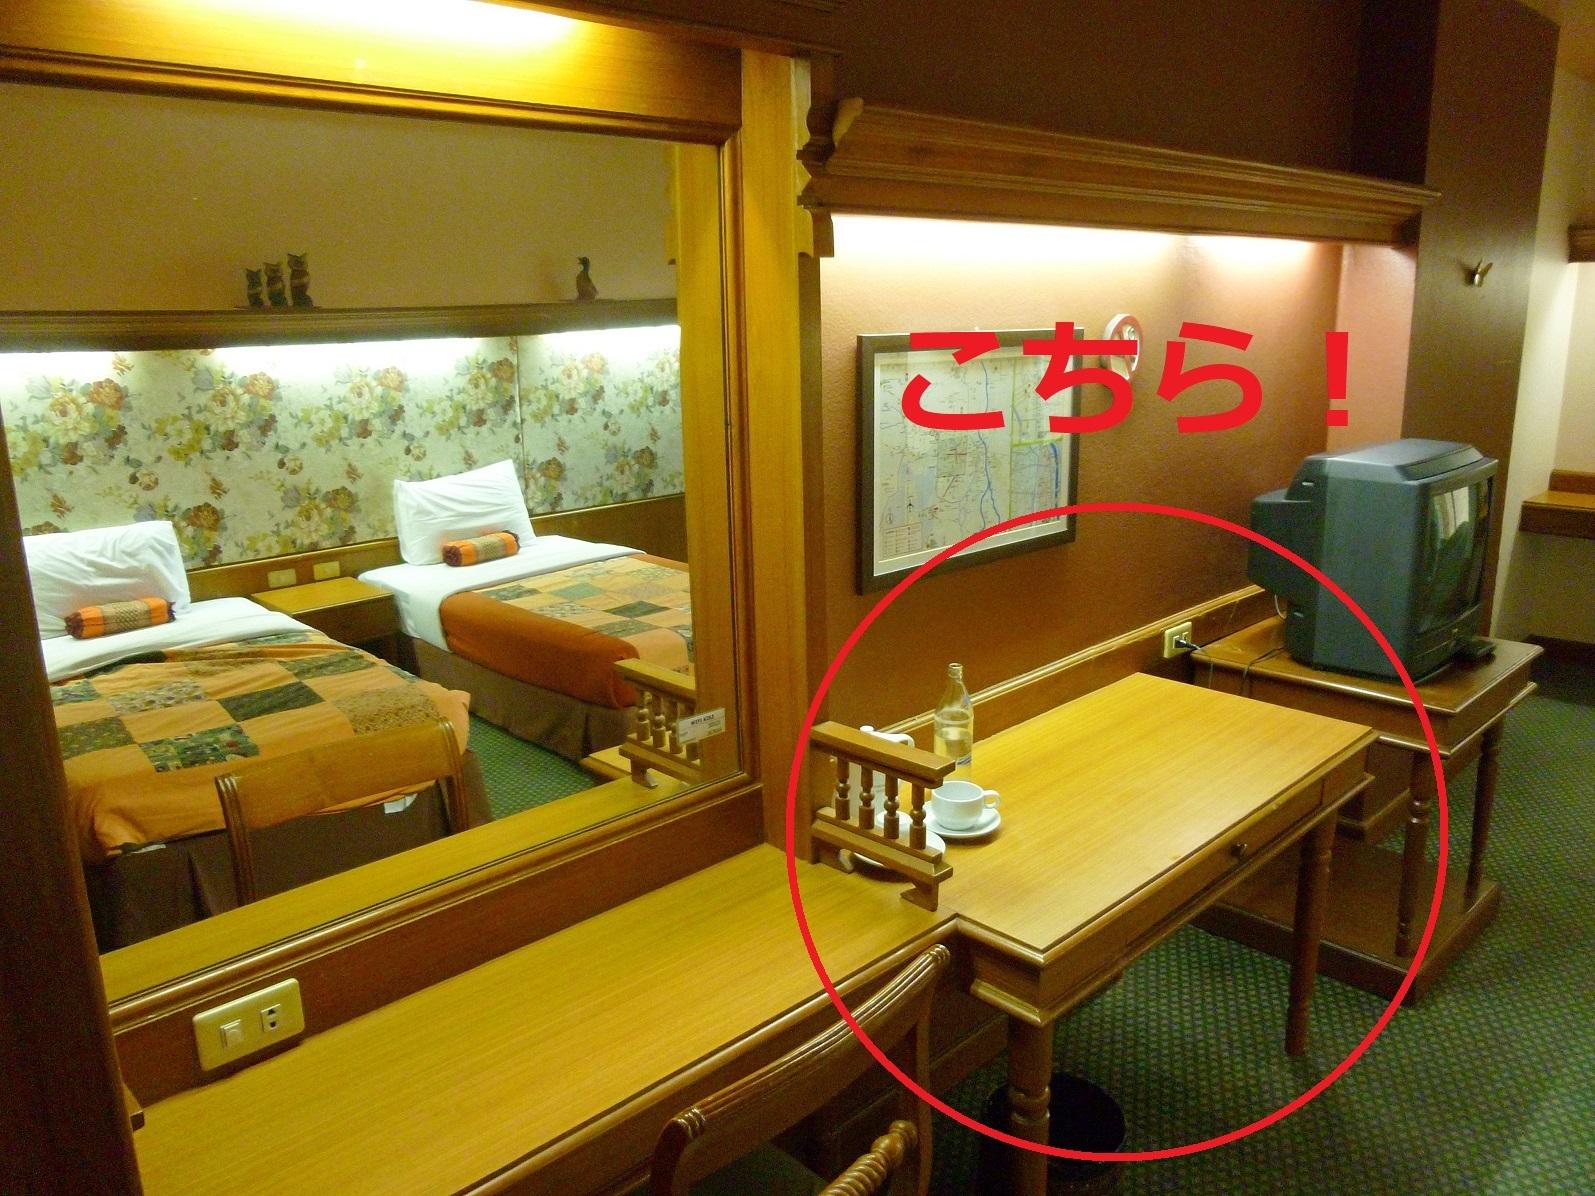 【チェンマイでおすすめ!】人気エリア・ニマンヘミンのノマドホテル6【安い&おしゃれ】